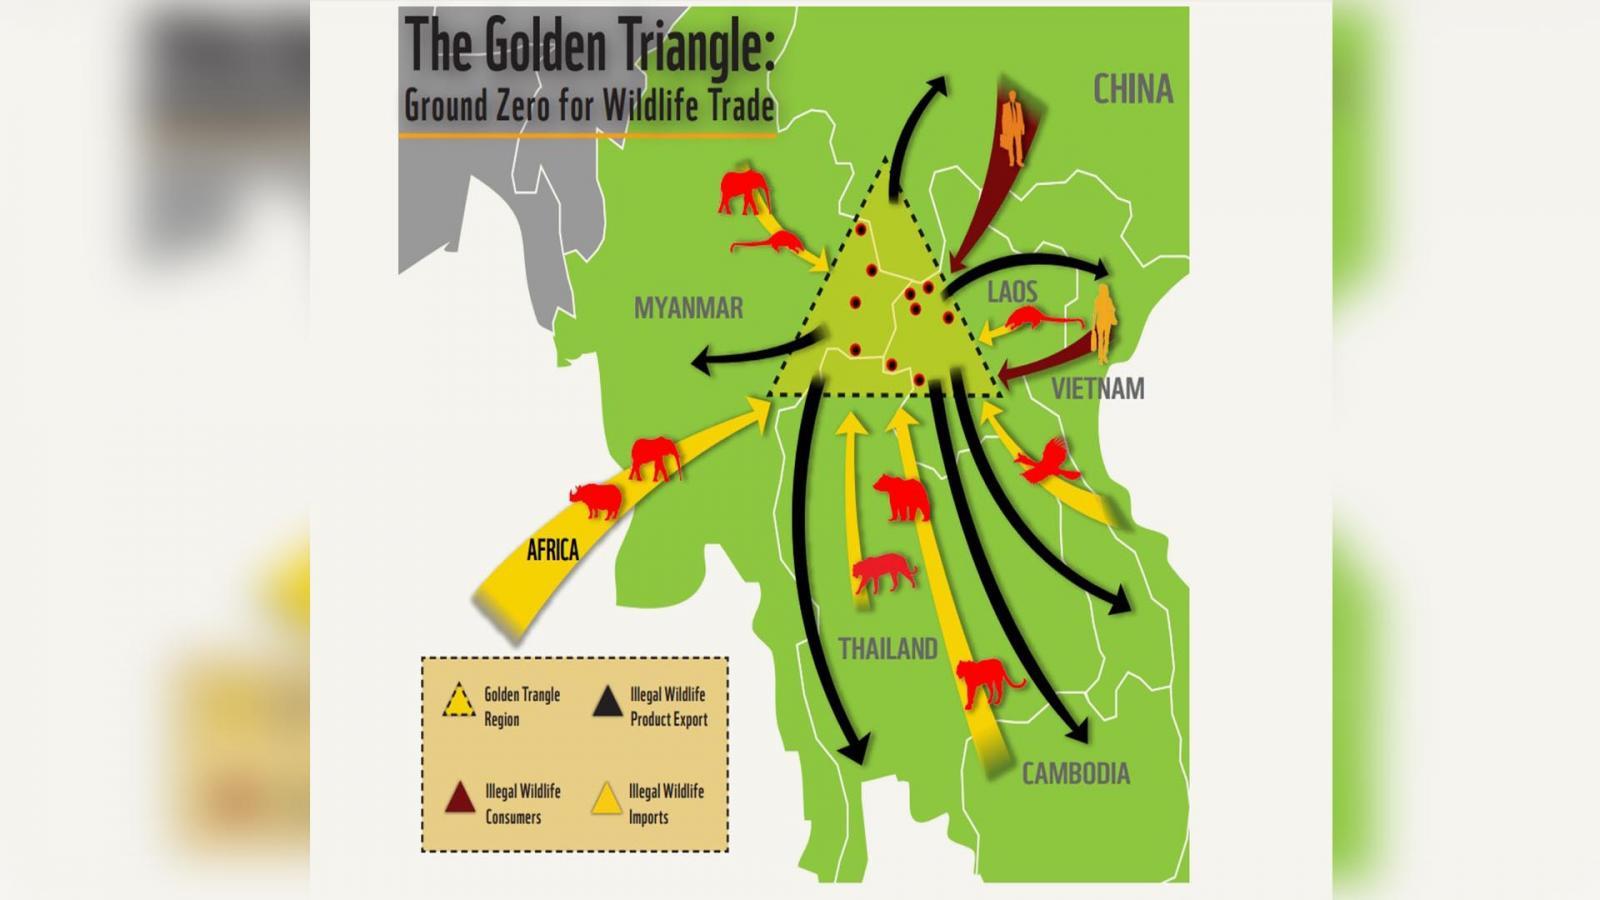 10 สัตว์ป่าที่ลักลอบซื้อขายมากที่สุด ในเขตสามเหลี่ยมทองคำ